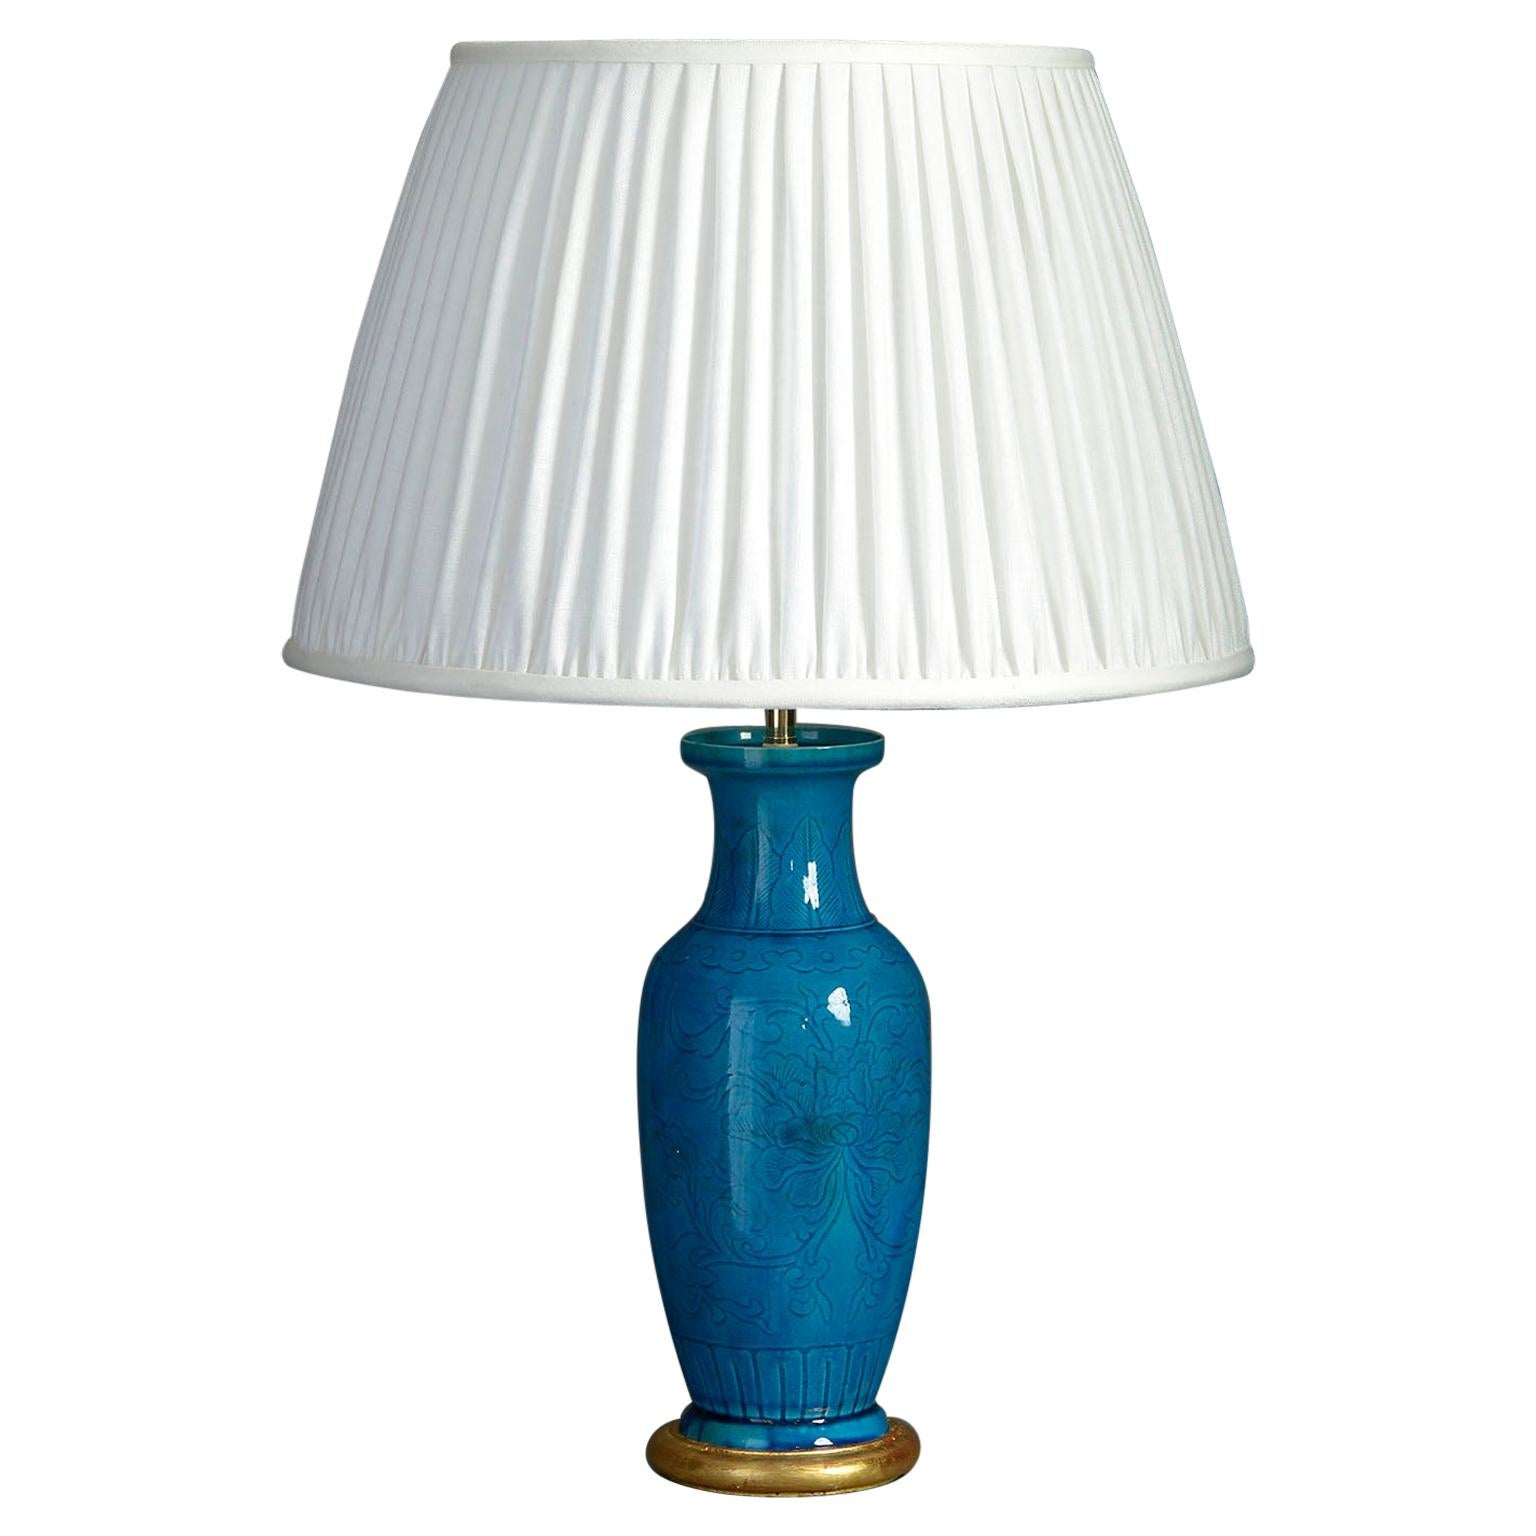 19th Century Turquoise Glazed Vase Lamp